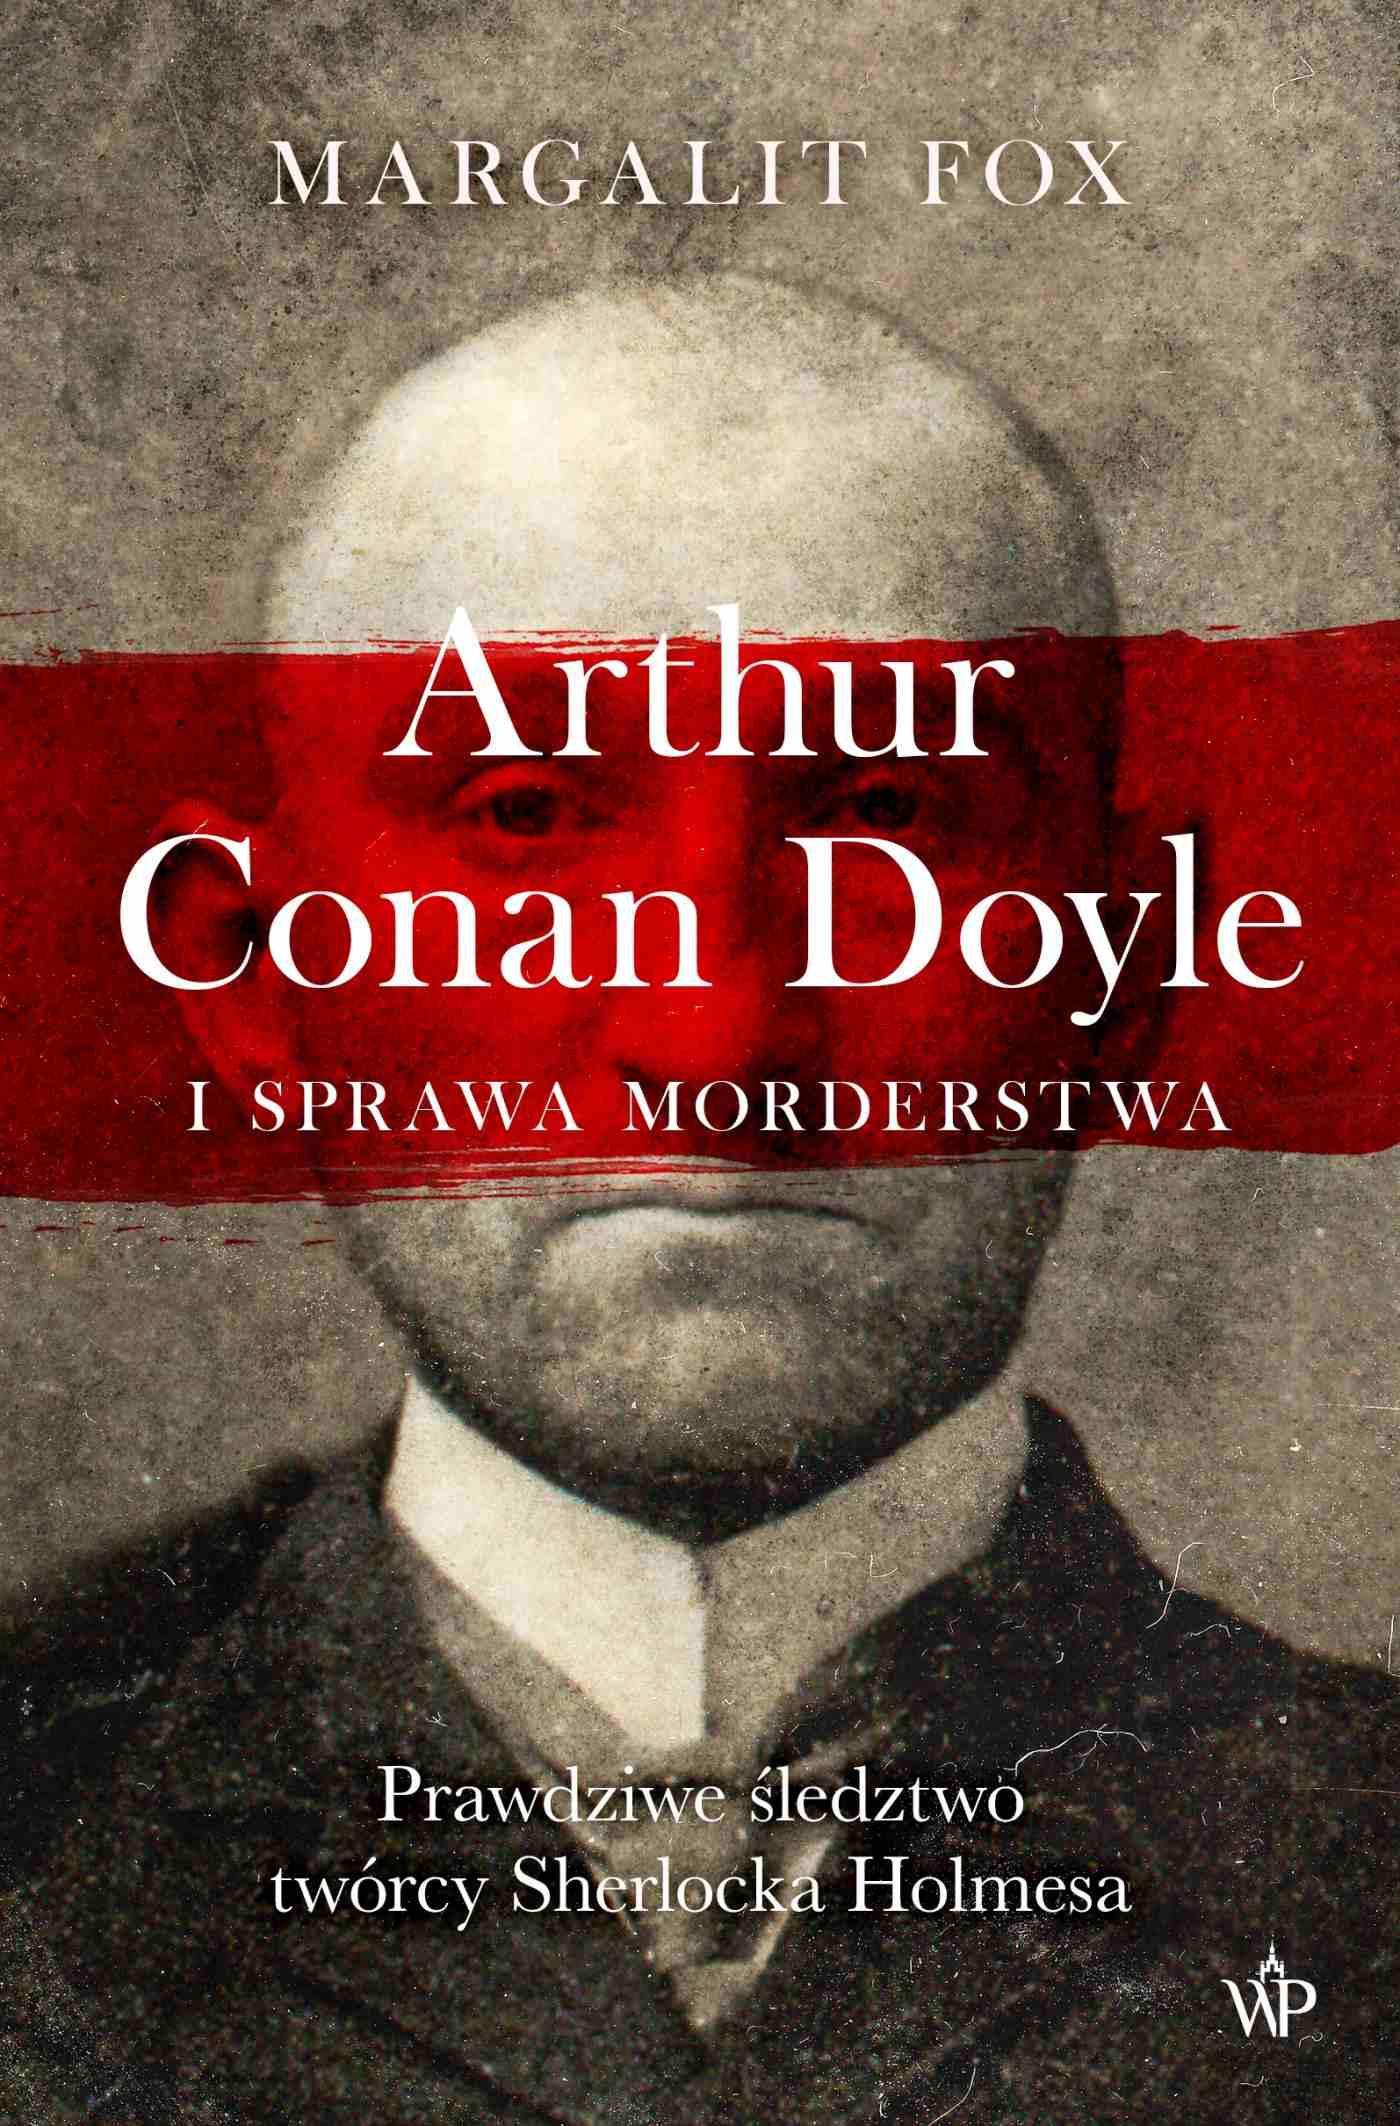 Arthur Conan Doyle i sprawa morderstwa - Ebook (Książka na Kindle) do pobrania w formacie MOBI